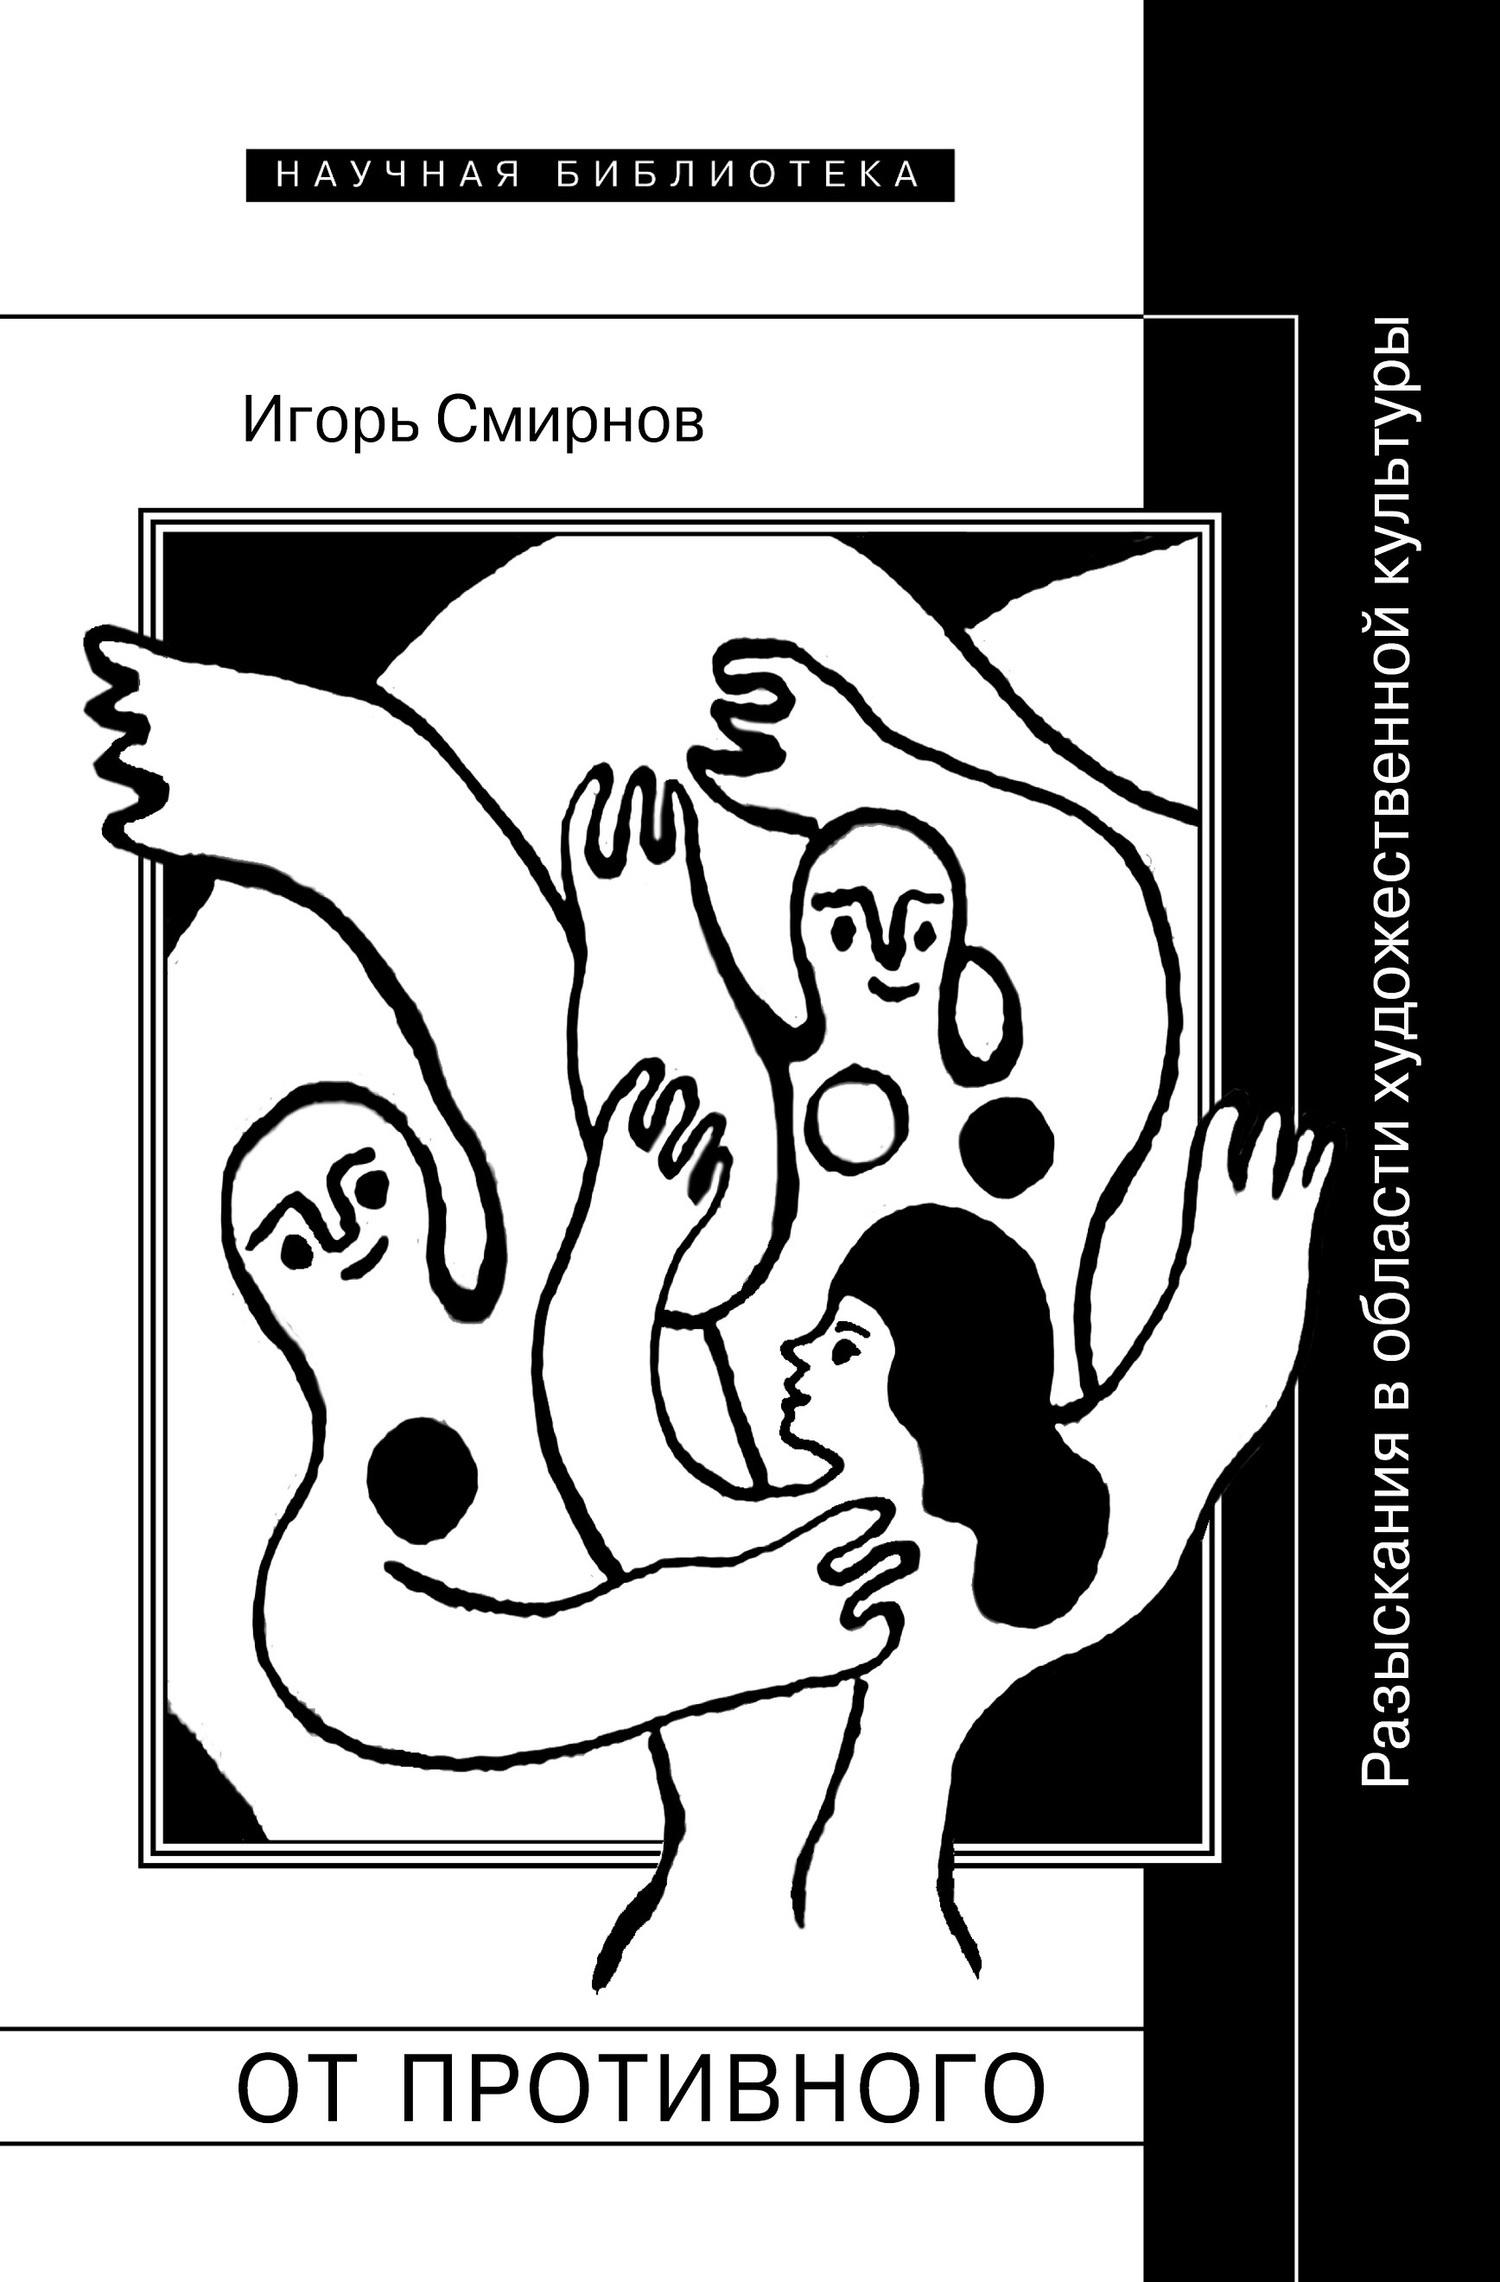 Игорь Смирнов. От противного. Разыскания в области художественной культуры